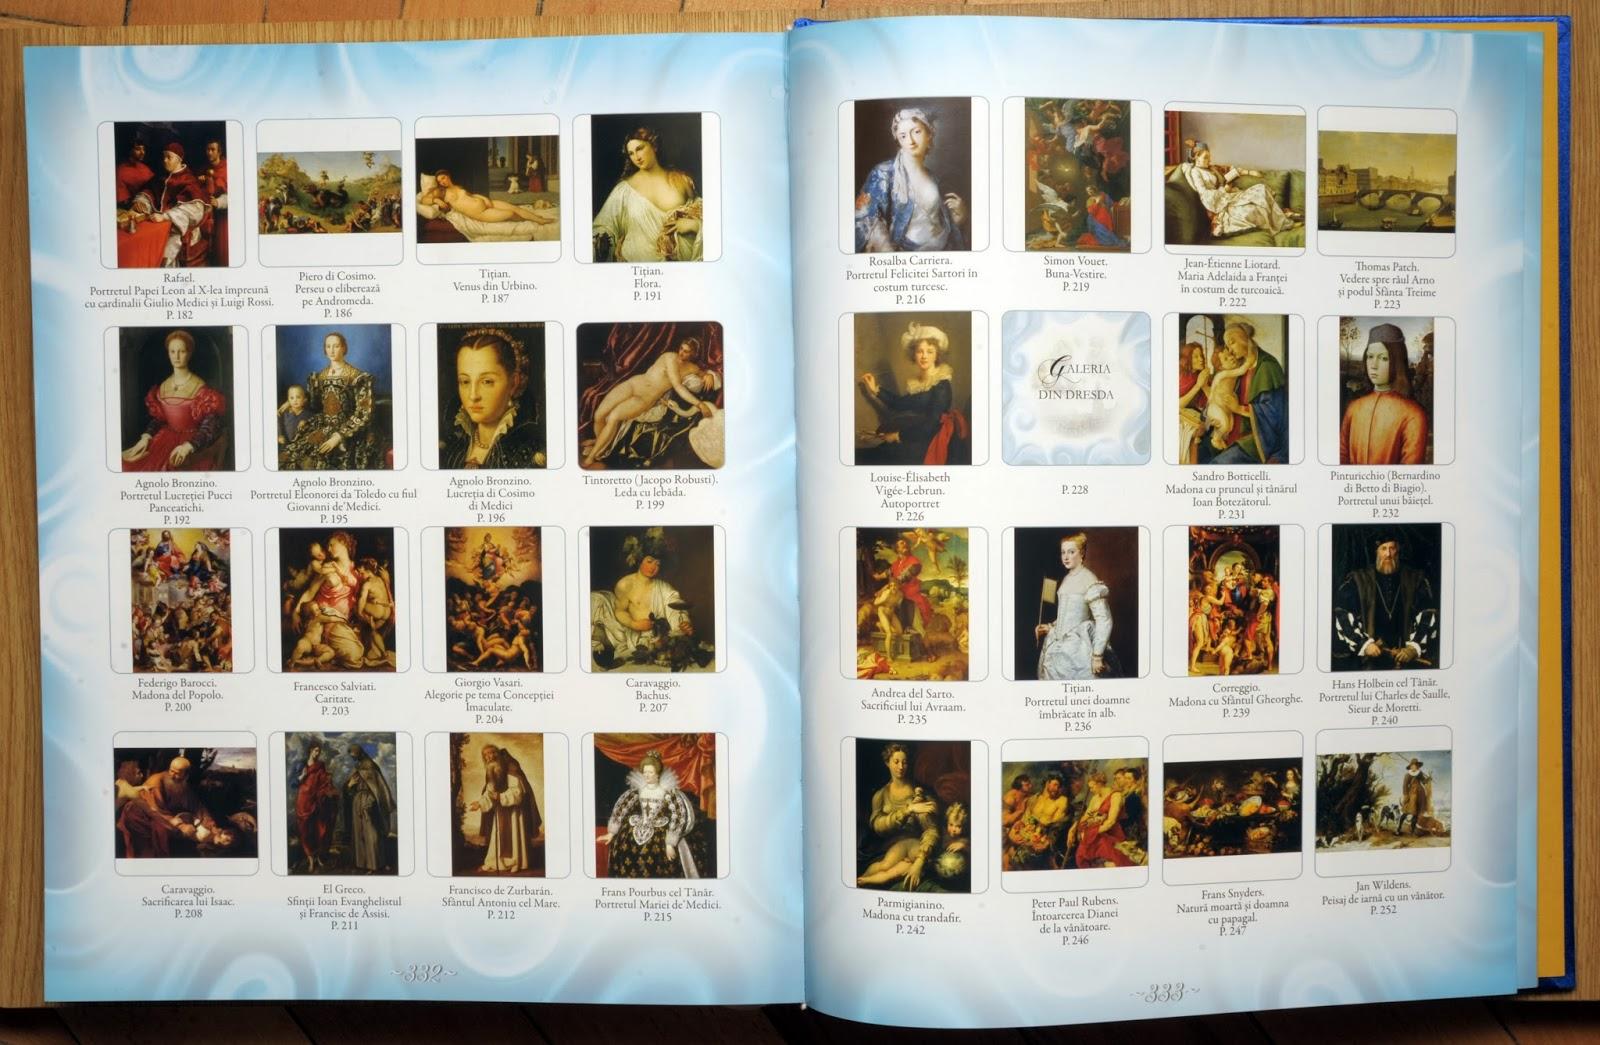 Galeria din Dresda - Titian